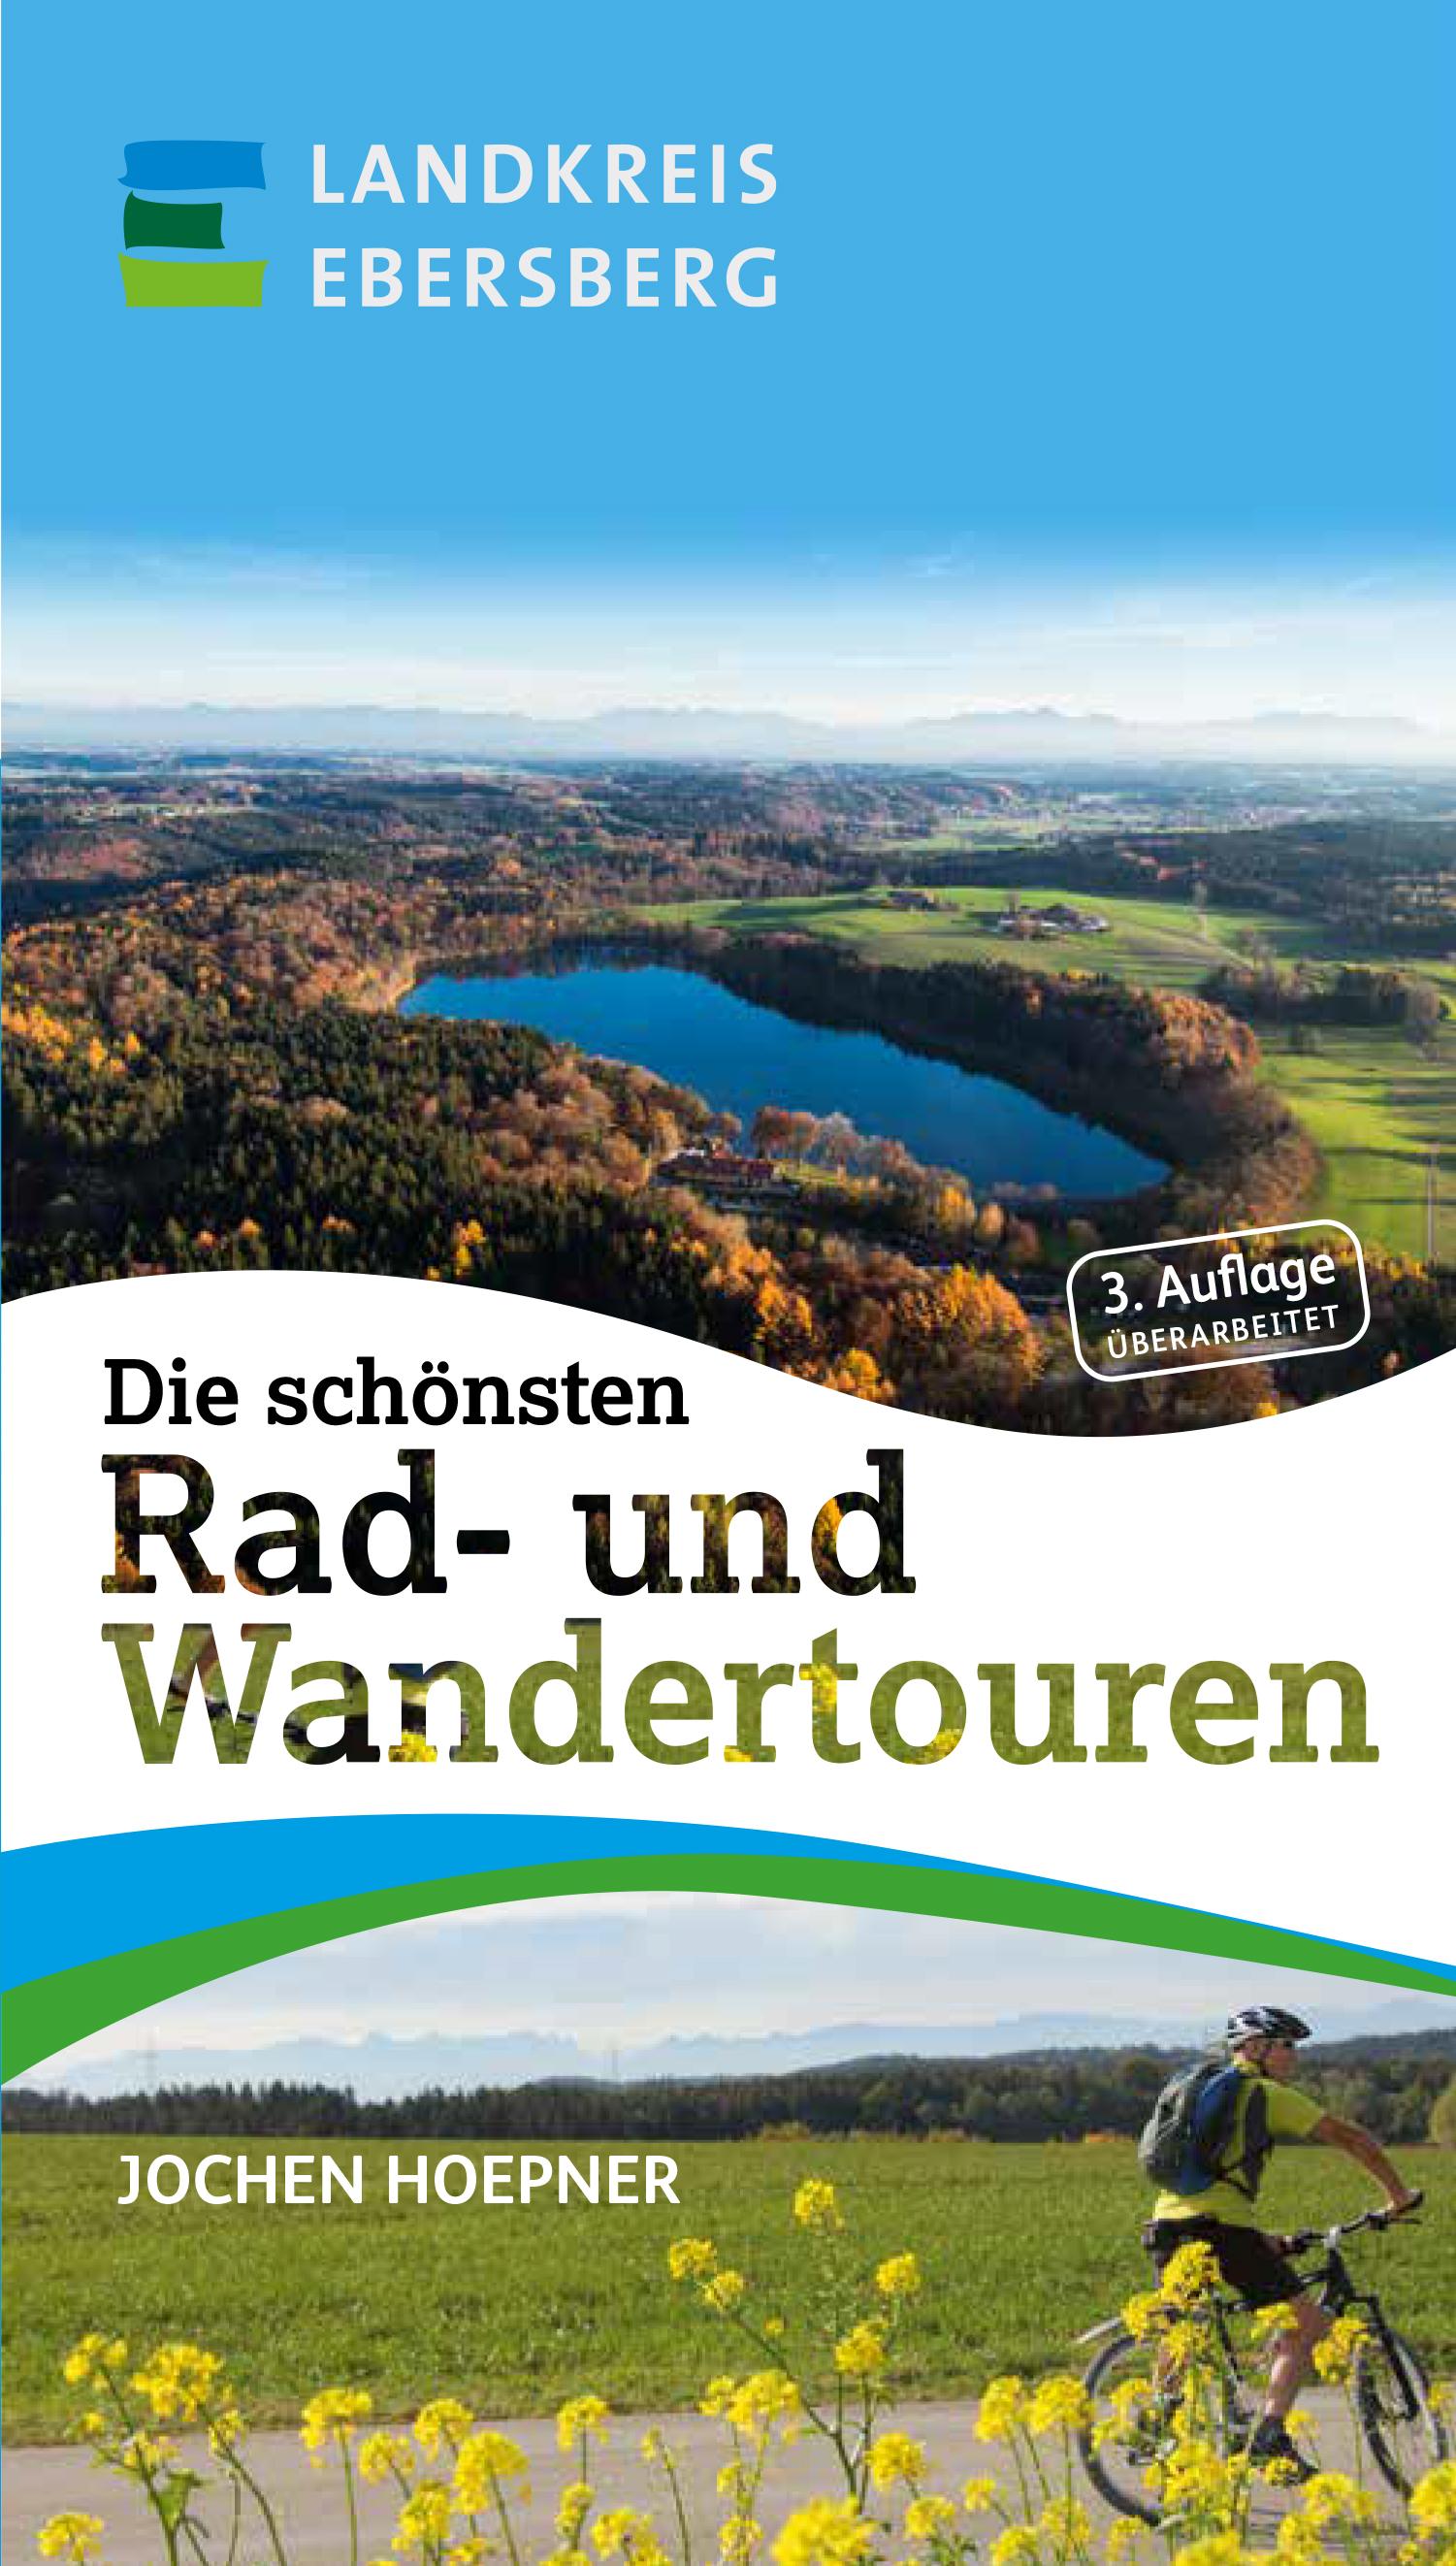 Die schönsten Rad- und Wandertouren 3. Auflage